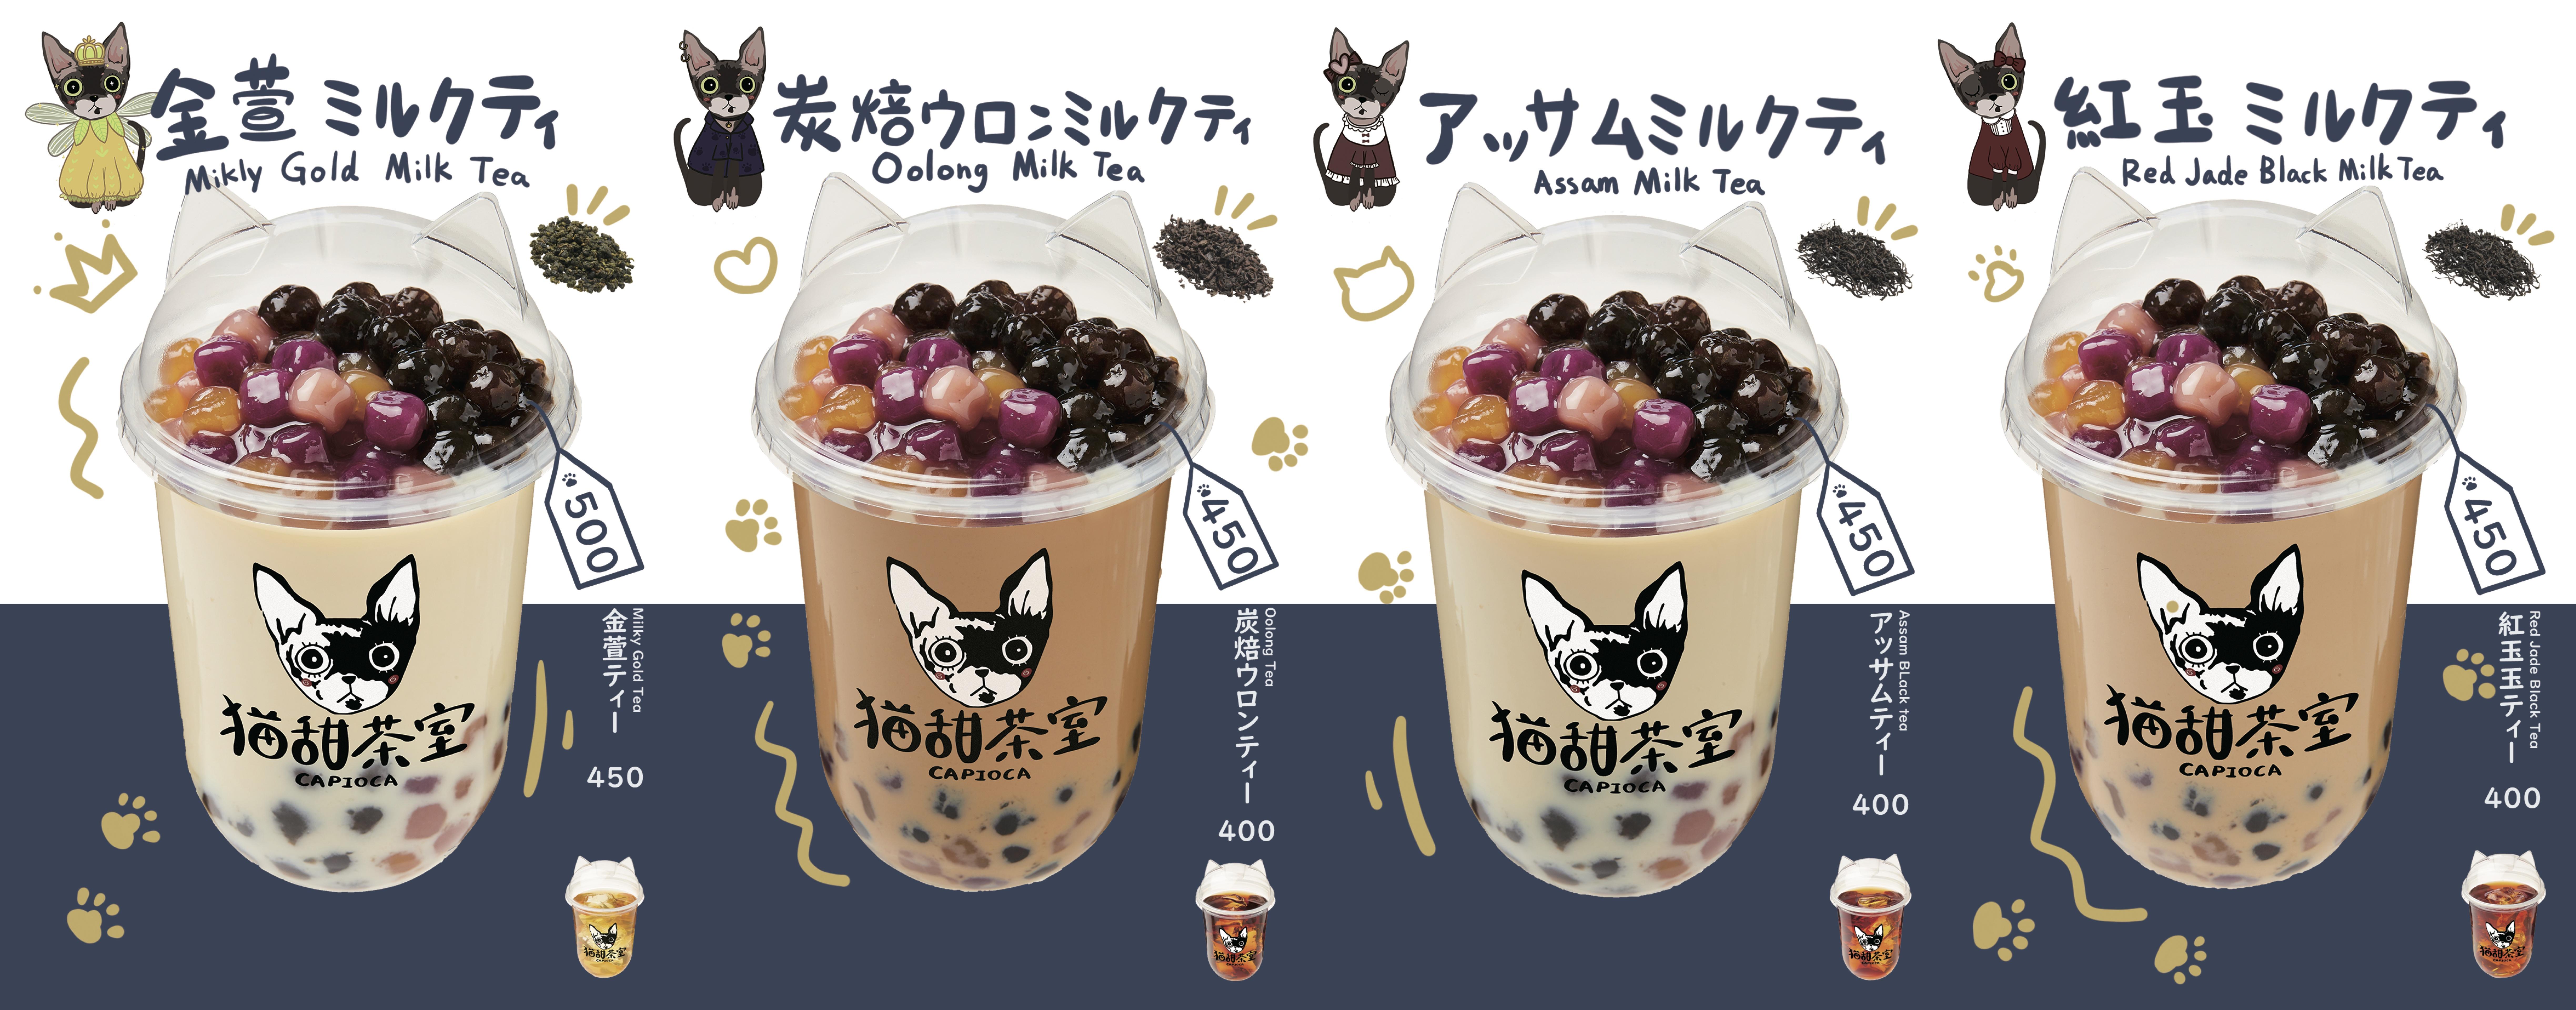 金萱(キンケン)ミルクティ(500円)や炭焙ウロンミルクティ(450円)など、高級茶葉を使ったタピオカミルクティーが登場